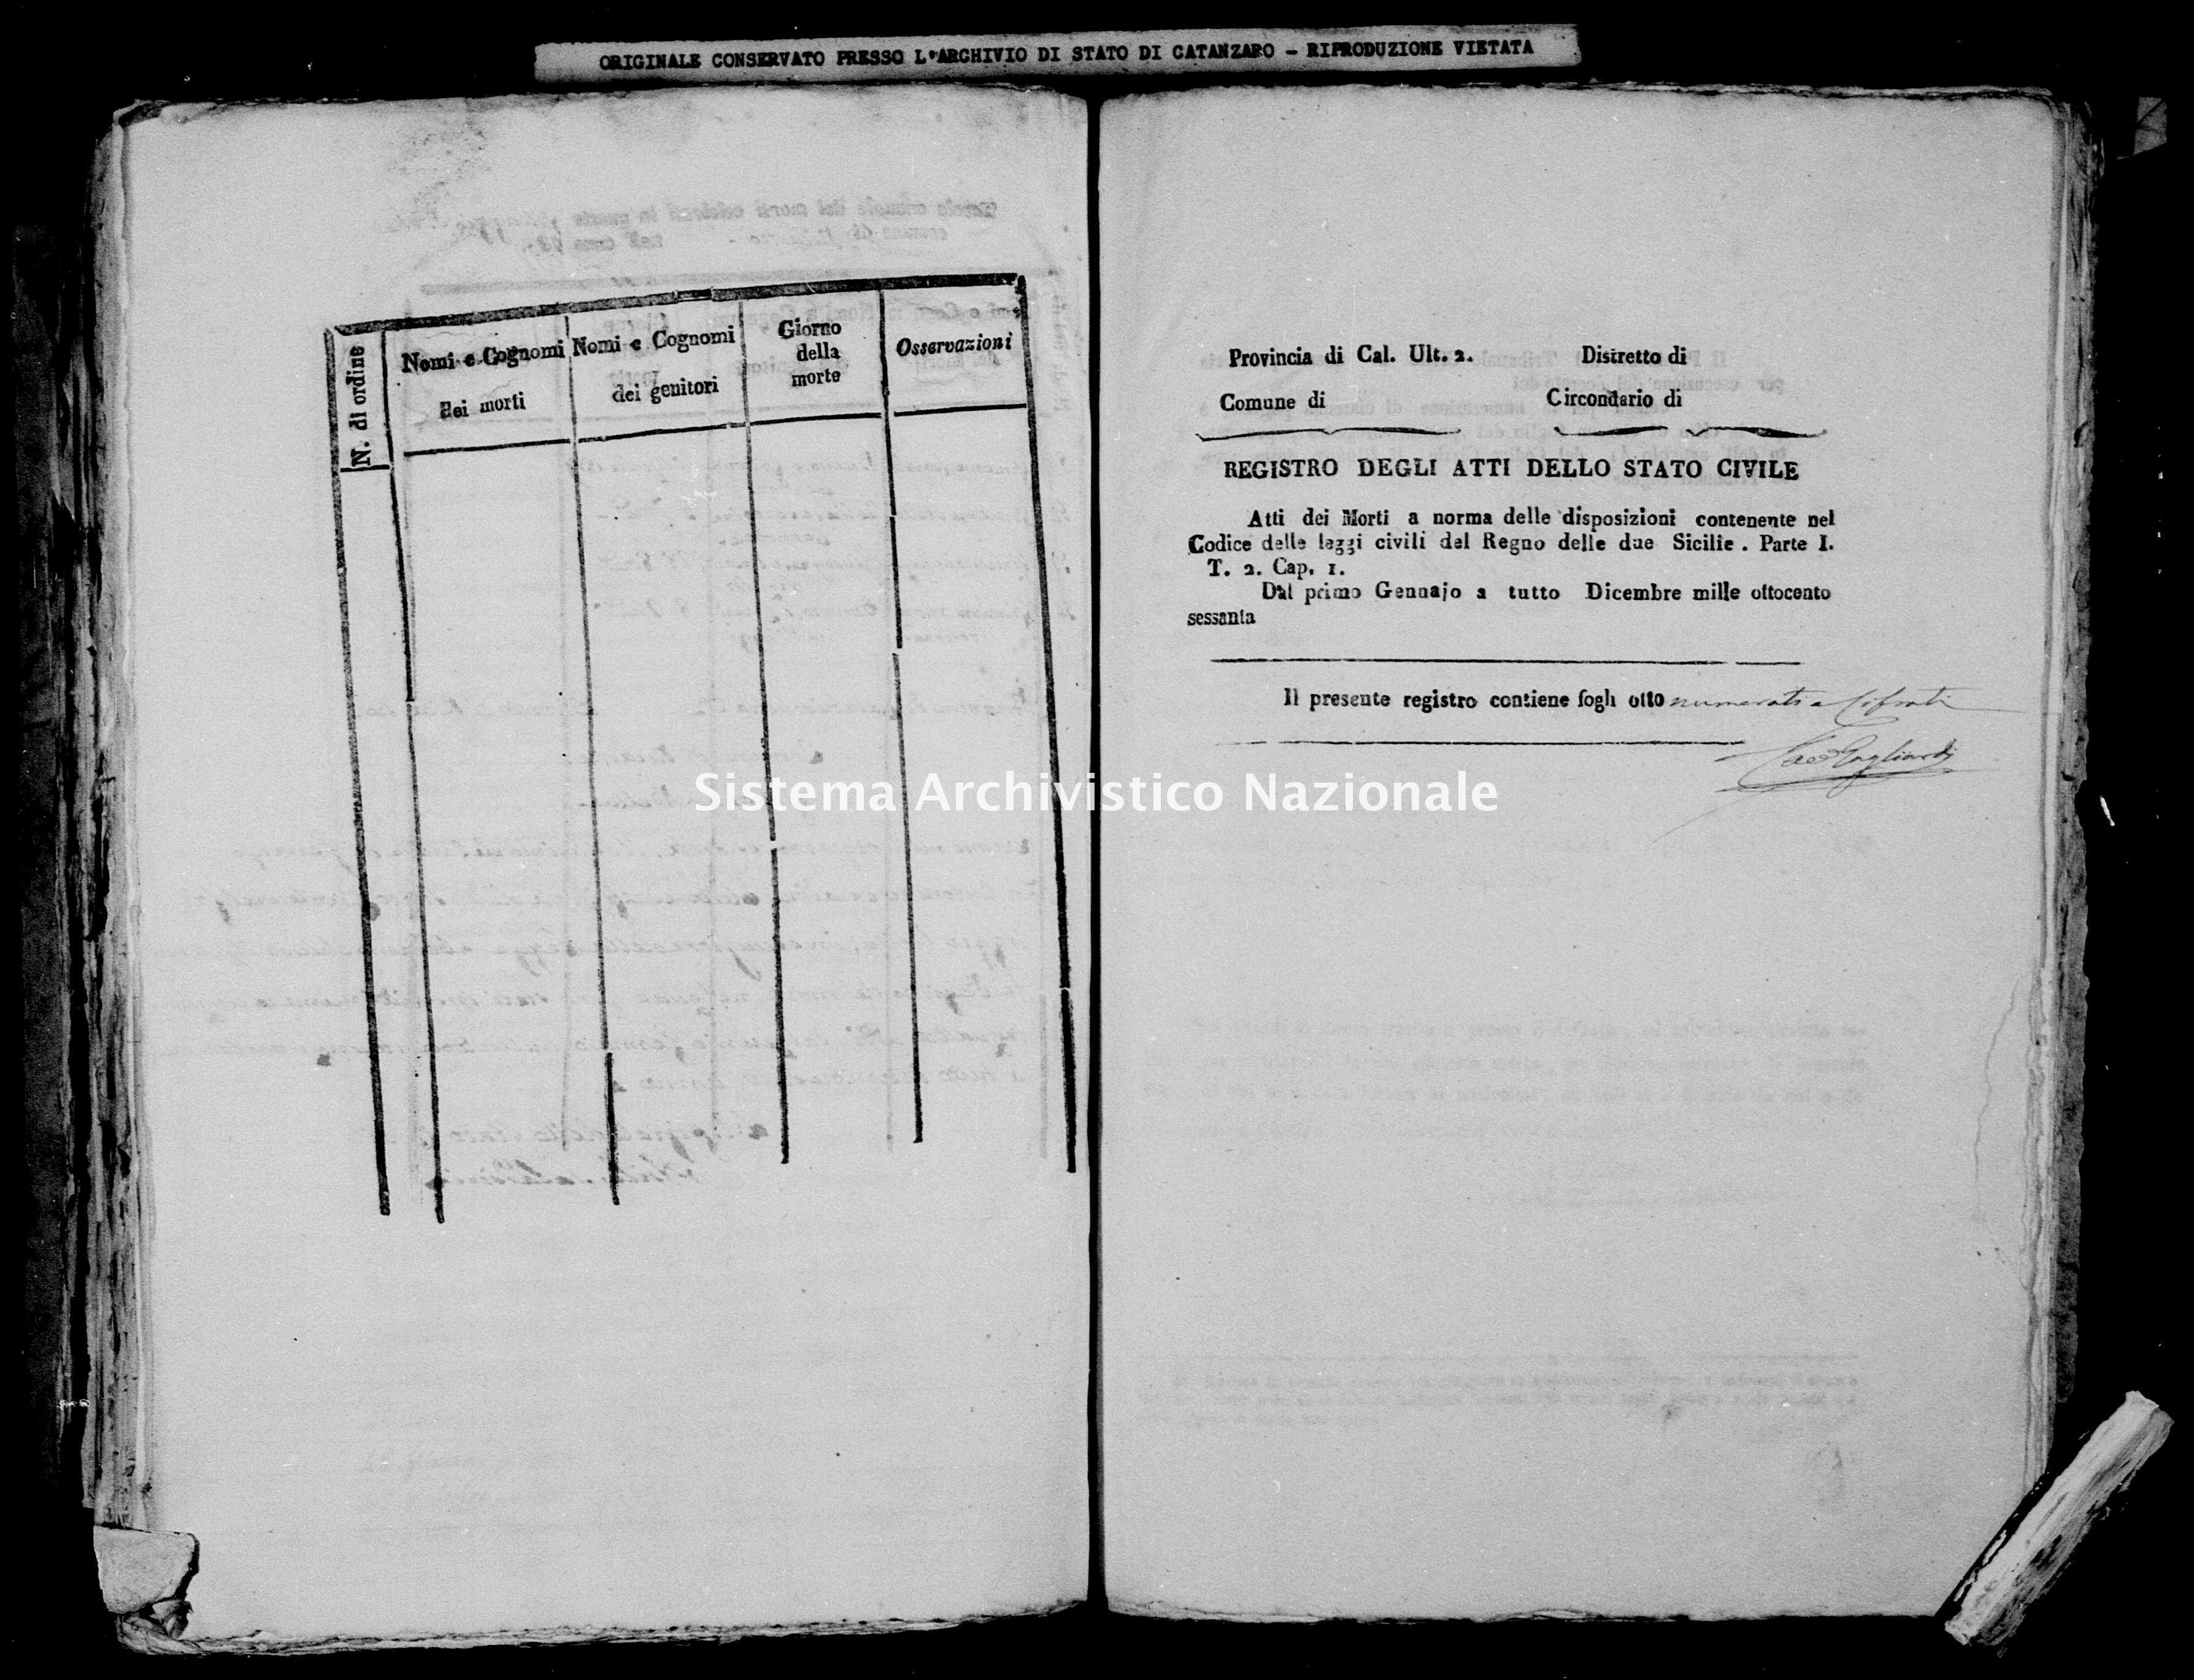 Archivio di stato di Catanzaro - Stato civile della restaurazione - Bella - Morti - 1860 -